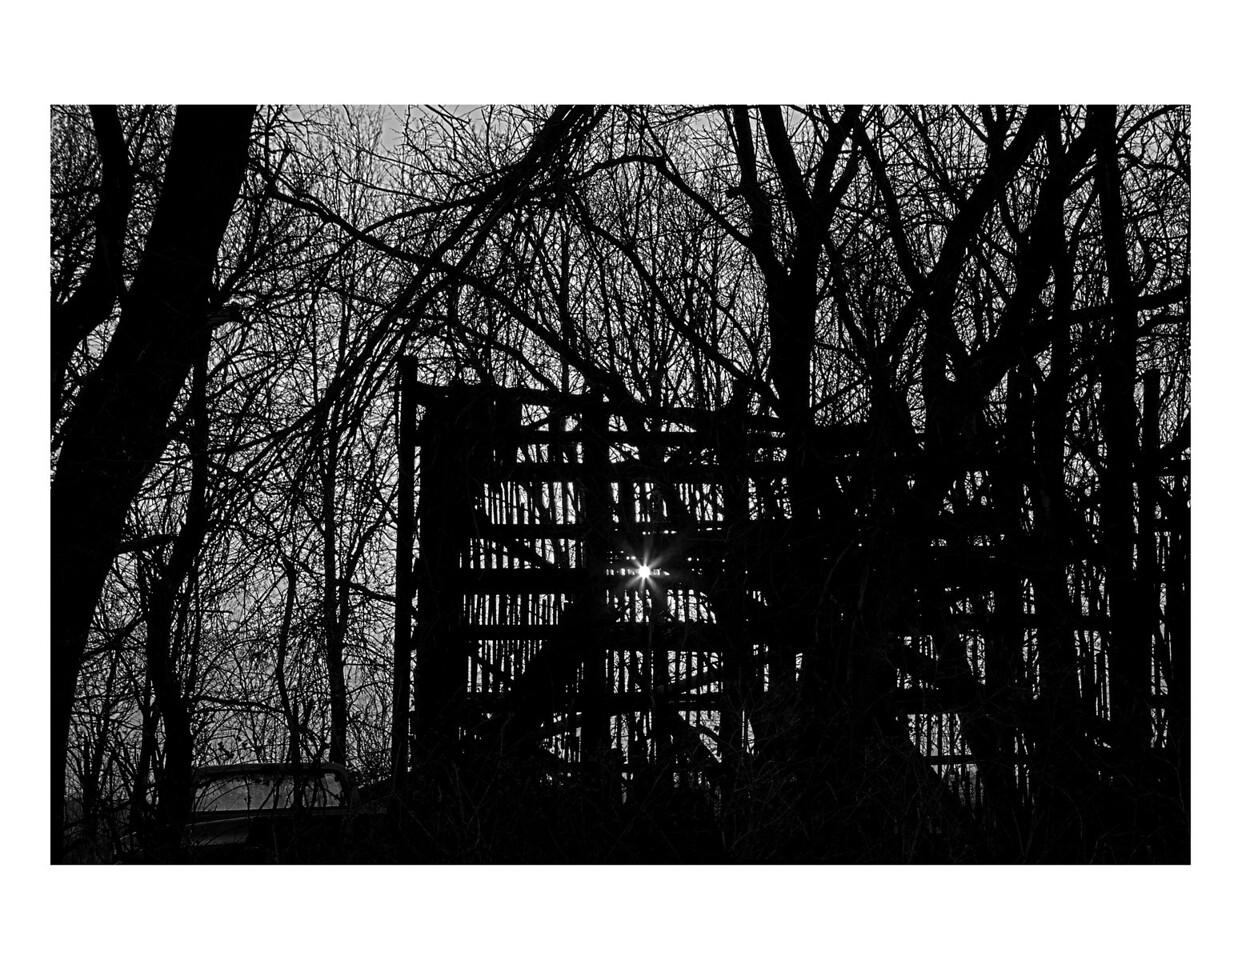 04_20120328_HDR2_2_12x8_41x11